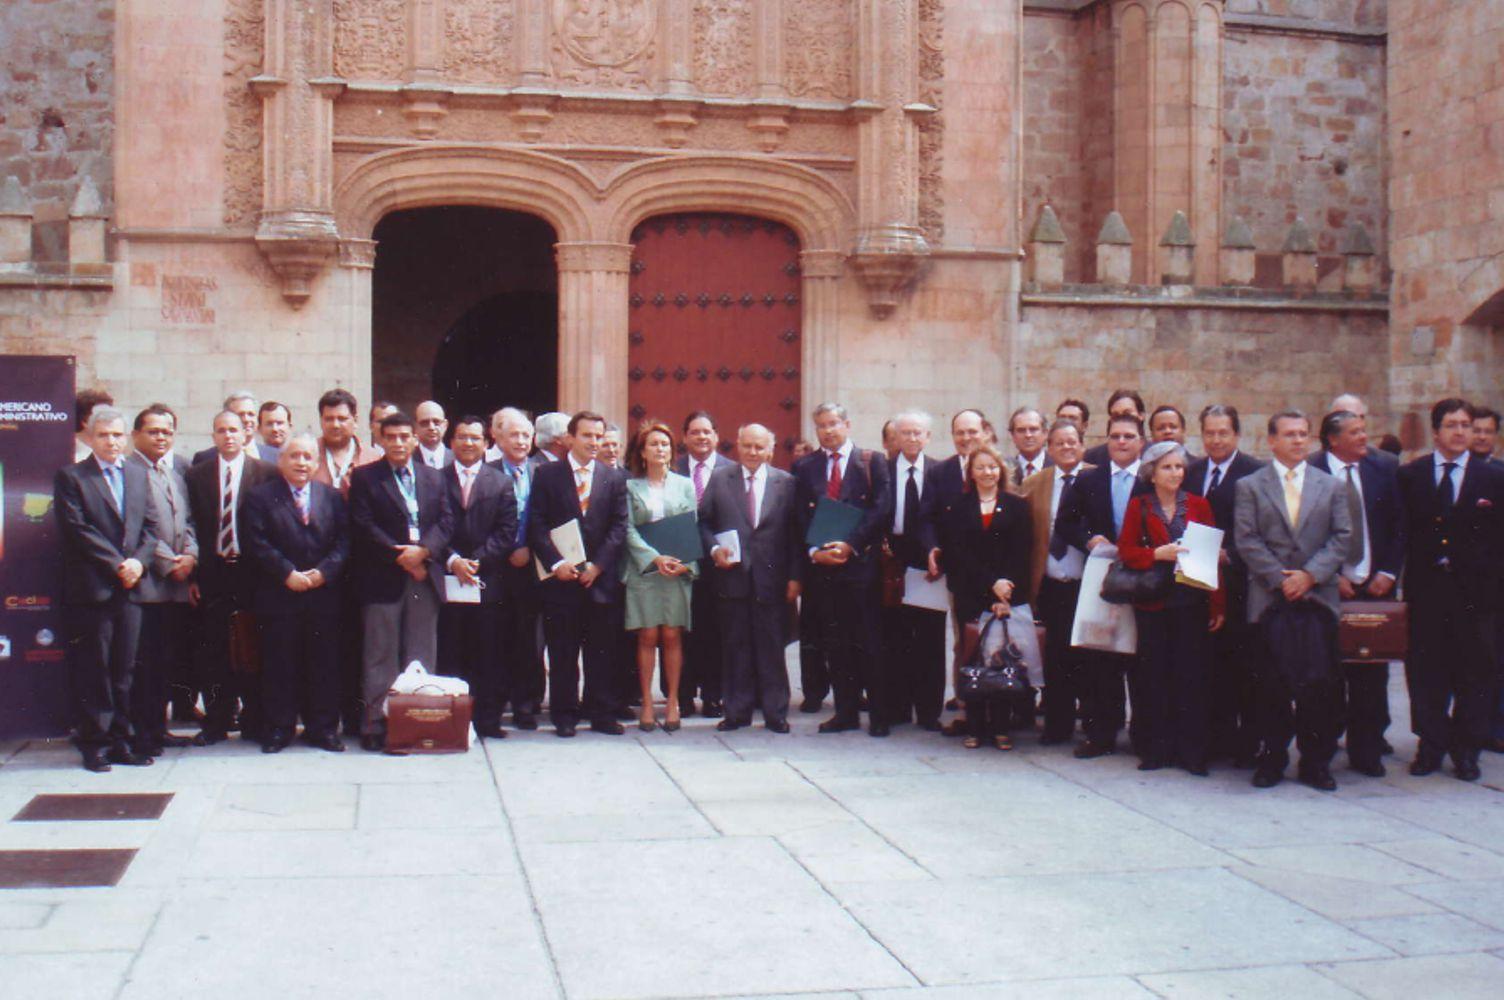 Foto de grupo: 17 de Septiembre de 2008 en Valladolid (España)